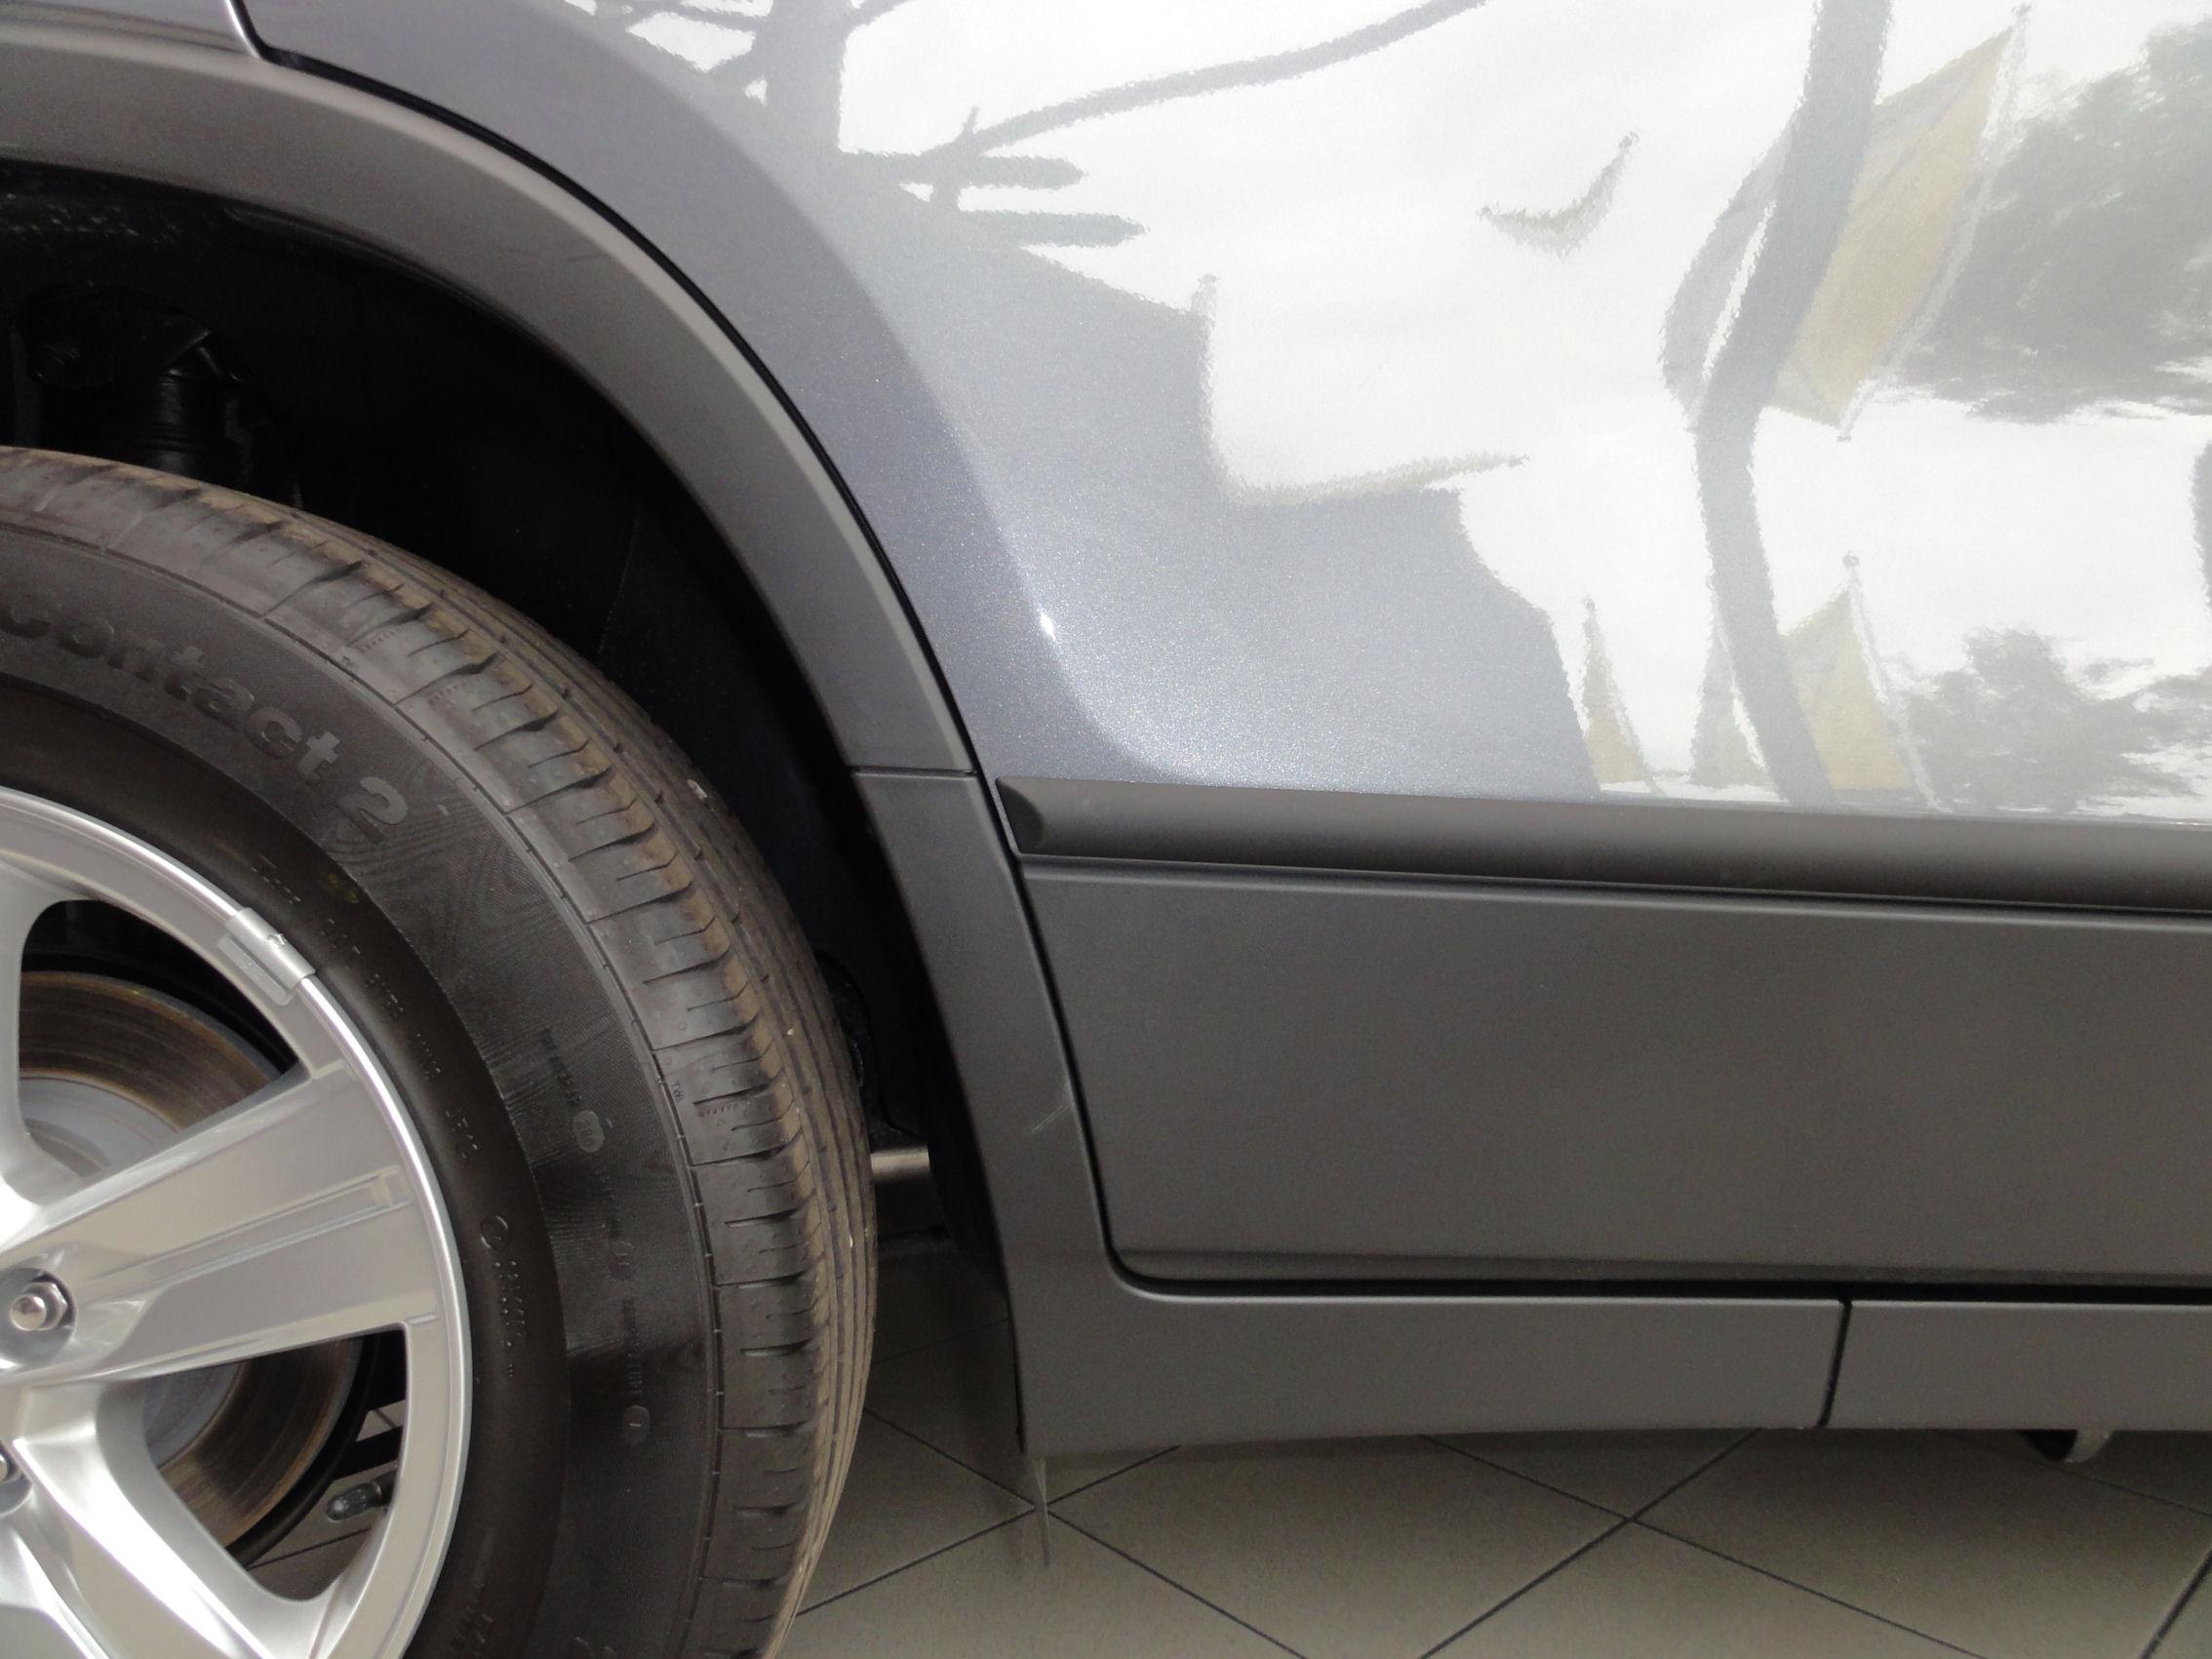 Ofuky oken Renault Espeace 5dveř přední 03- Heko